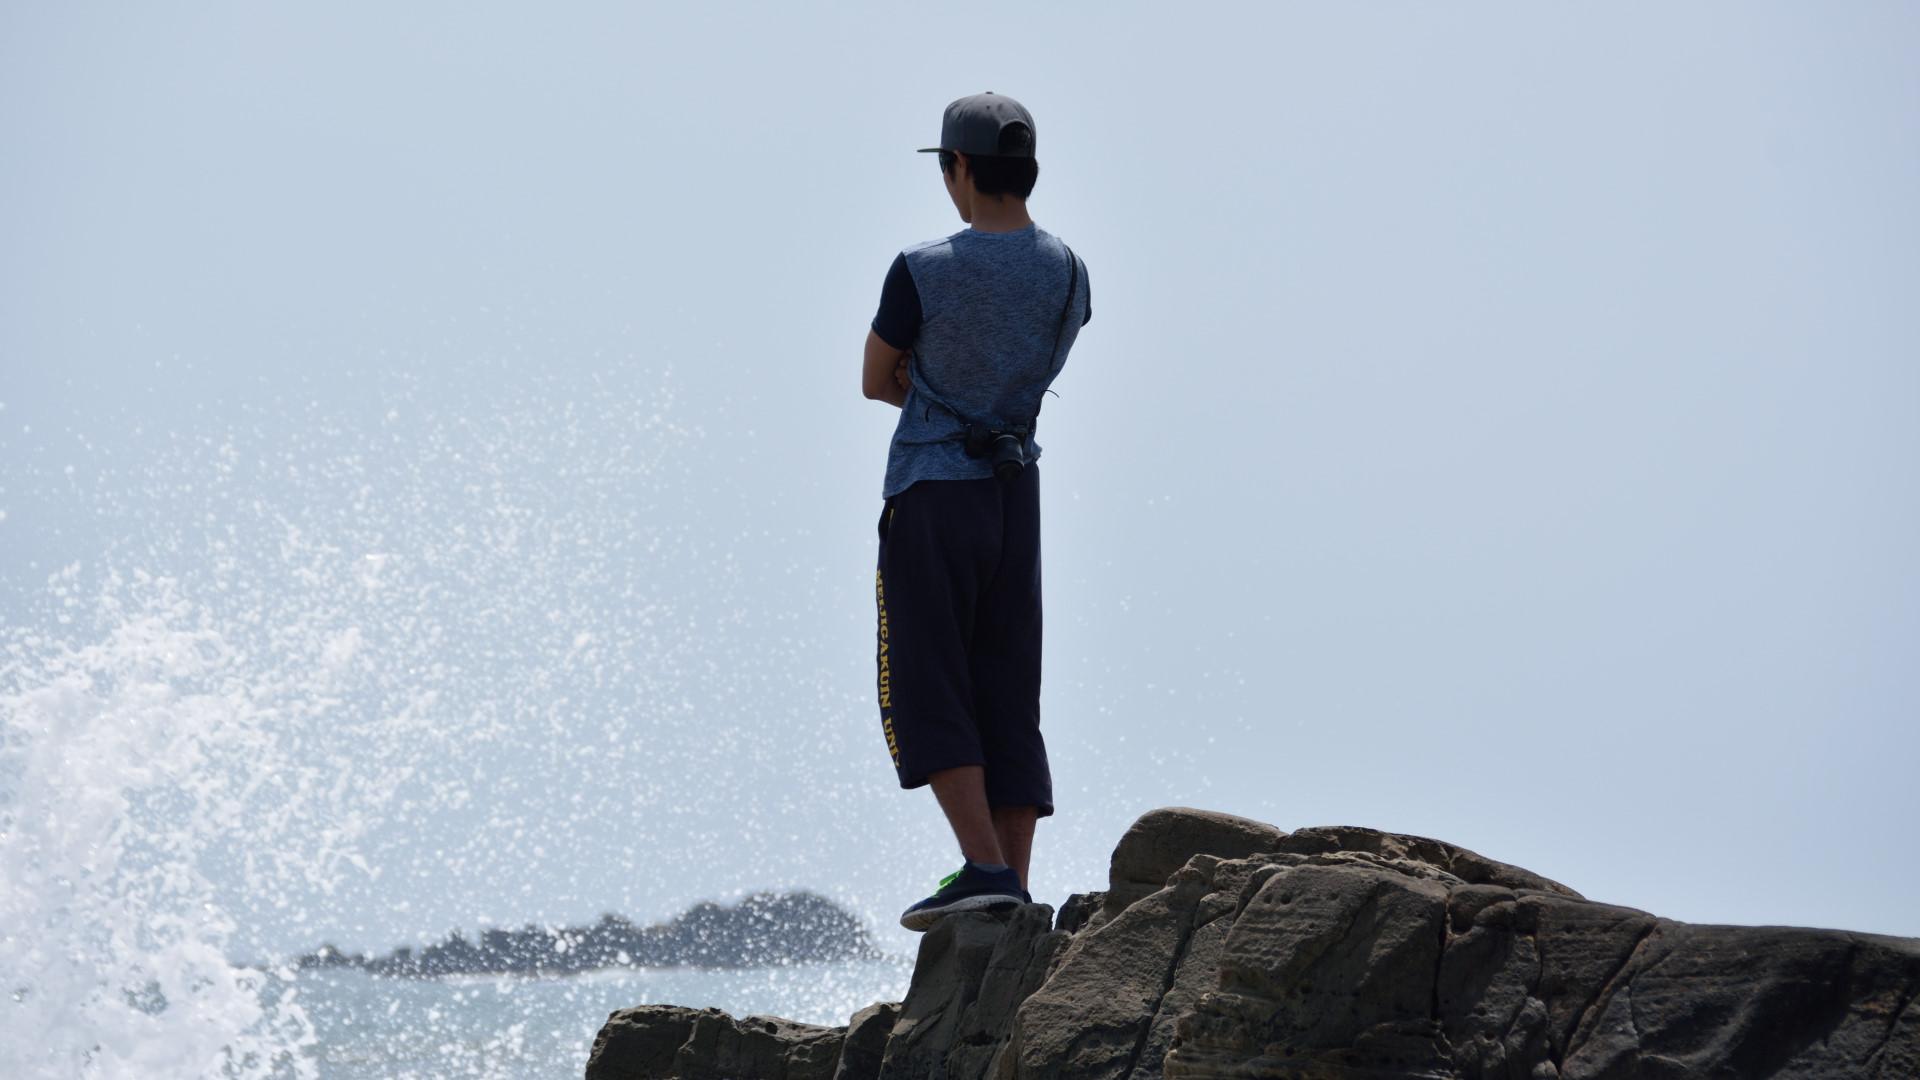 犬吠埼の岩場から太平洋を望む